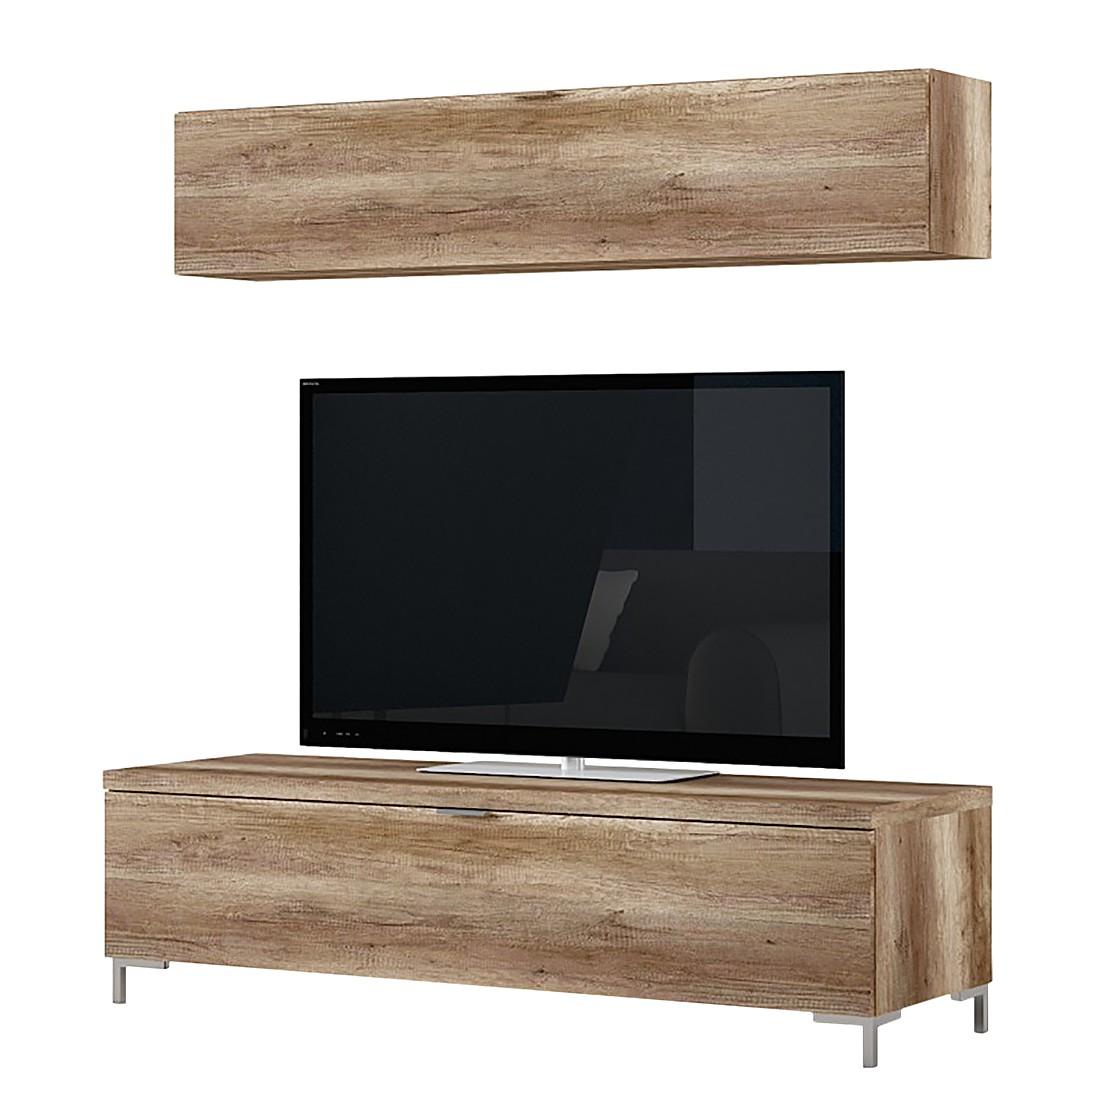 wohnwand wildeiche preis vergleich 2016. Black Bedroom Furniture Sets. Home Design Ideas